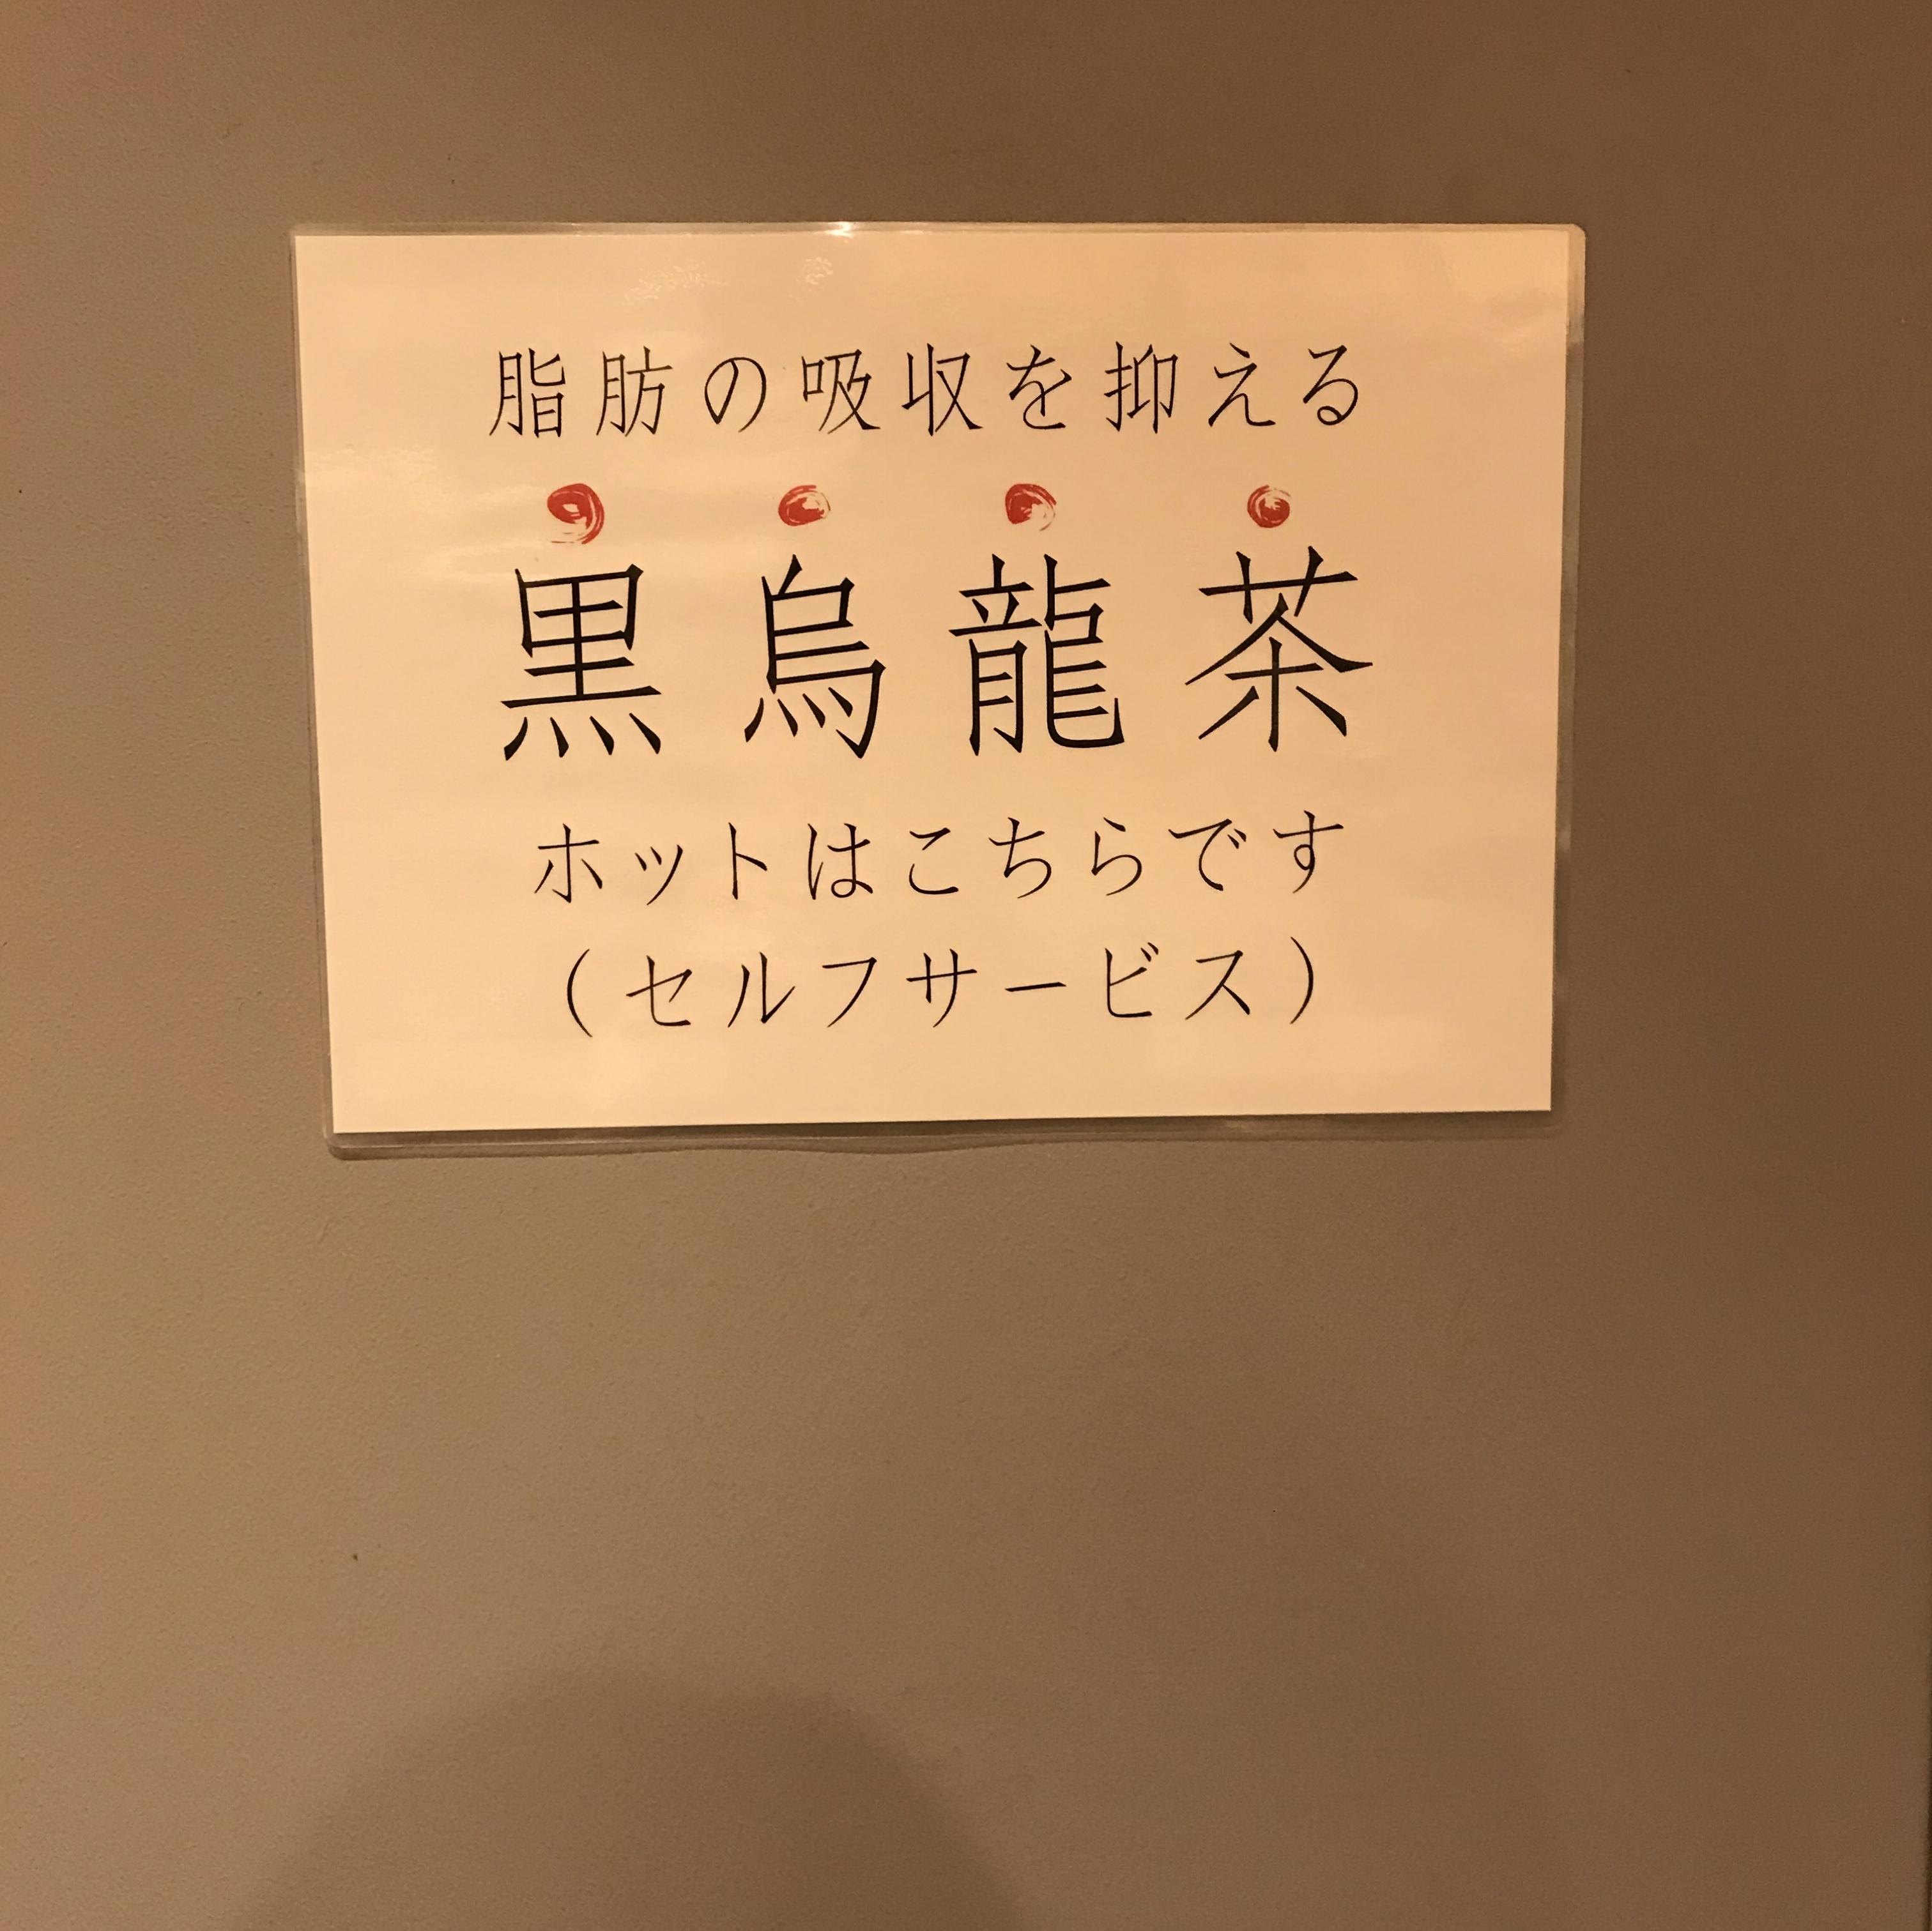 【ご当地MORE福岡】福岡に来たら絶対に行ってほしい明太子食べ放題の○○のお店♡♡♡_6